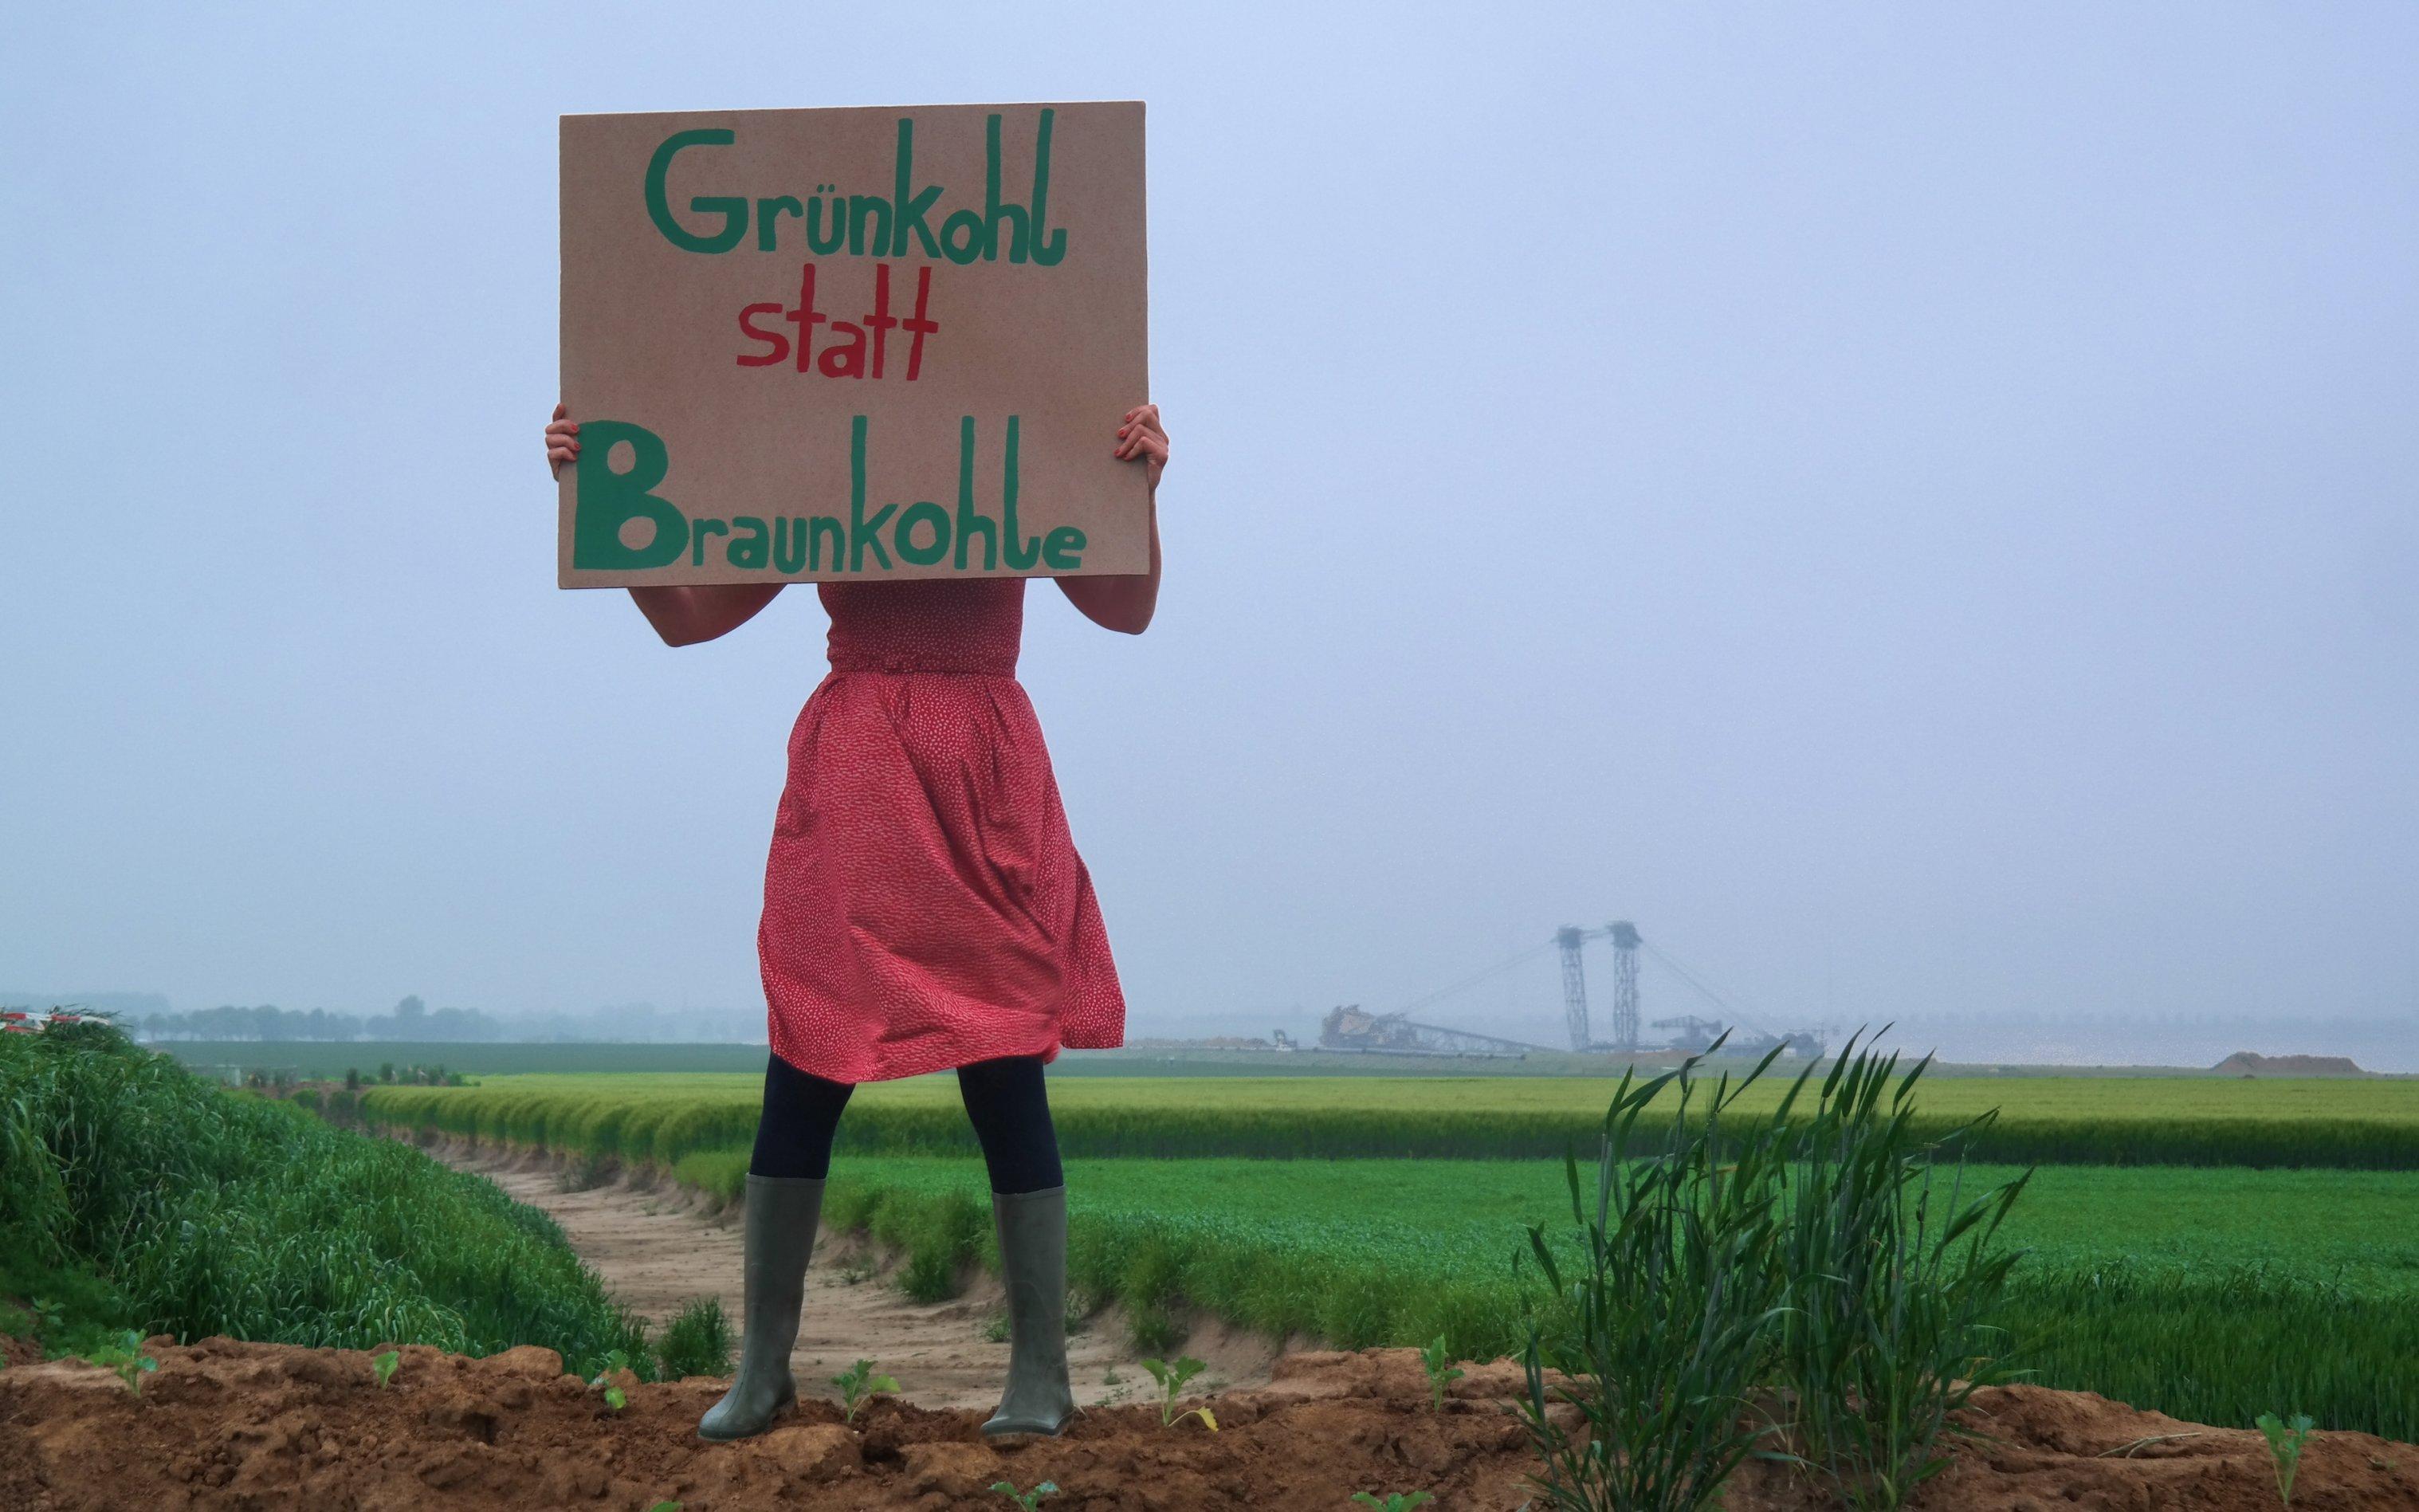 """Eine Person in rotem Rock und Gummistiefeln steht vor einem grünen Feld und hält ein Pappschild mit der Aufschrift """"Grünkohl statt Braunkohle"""" hoch."""